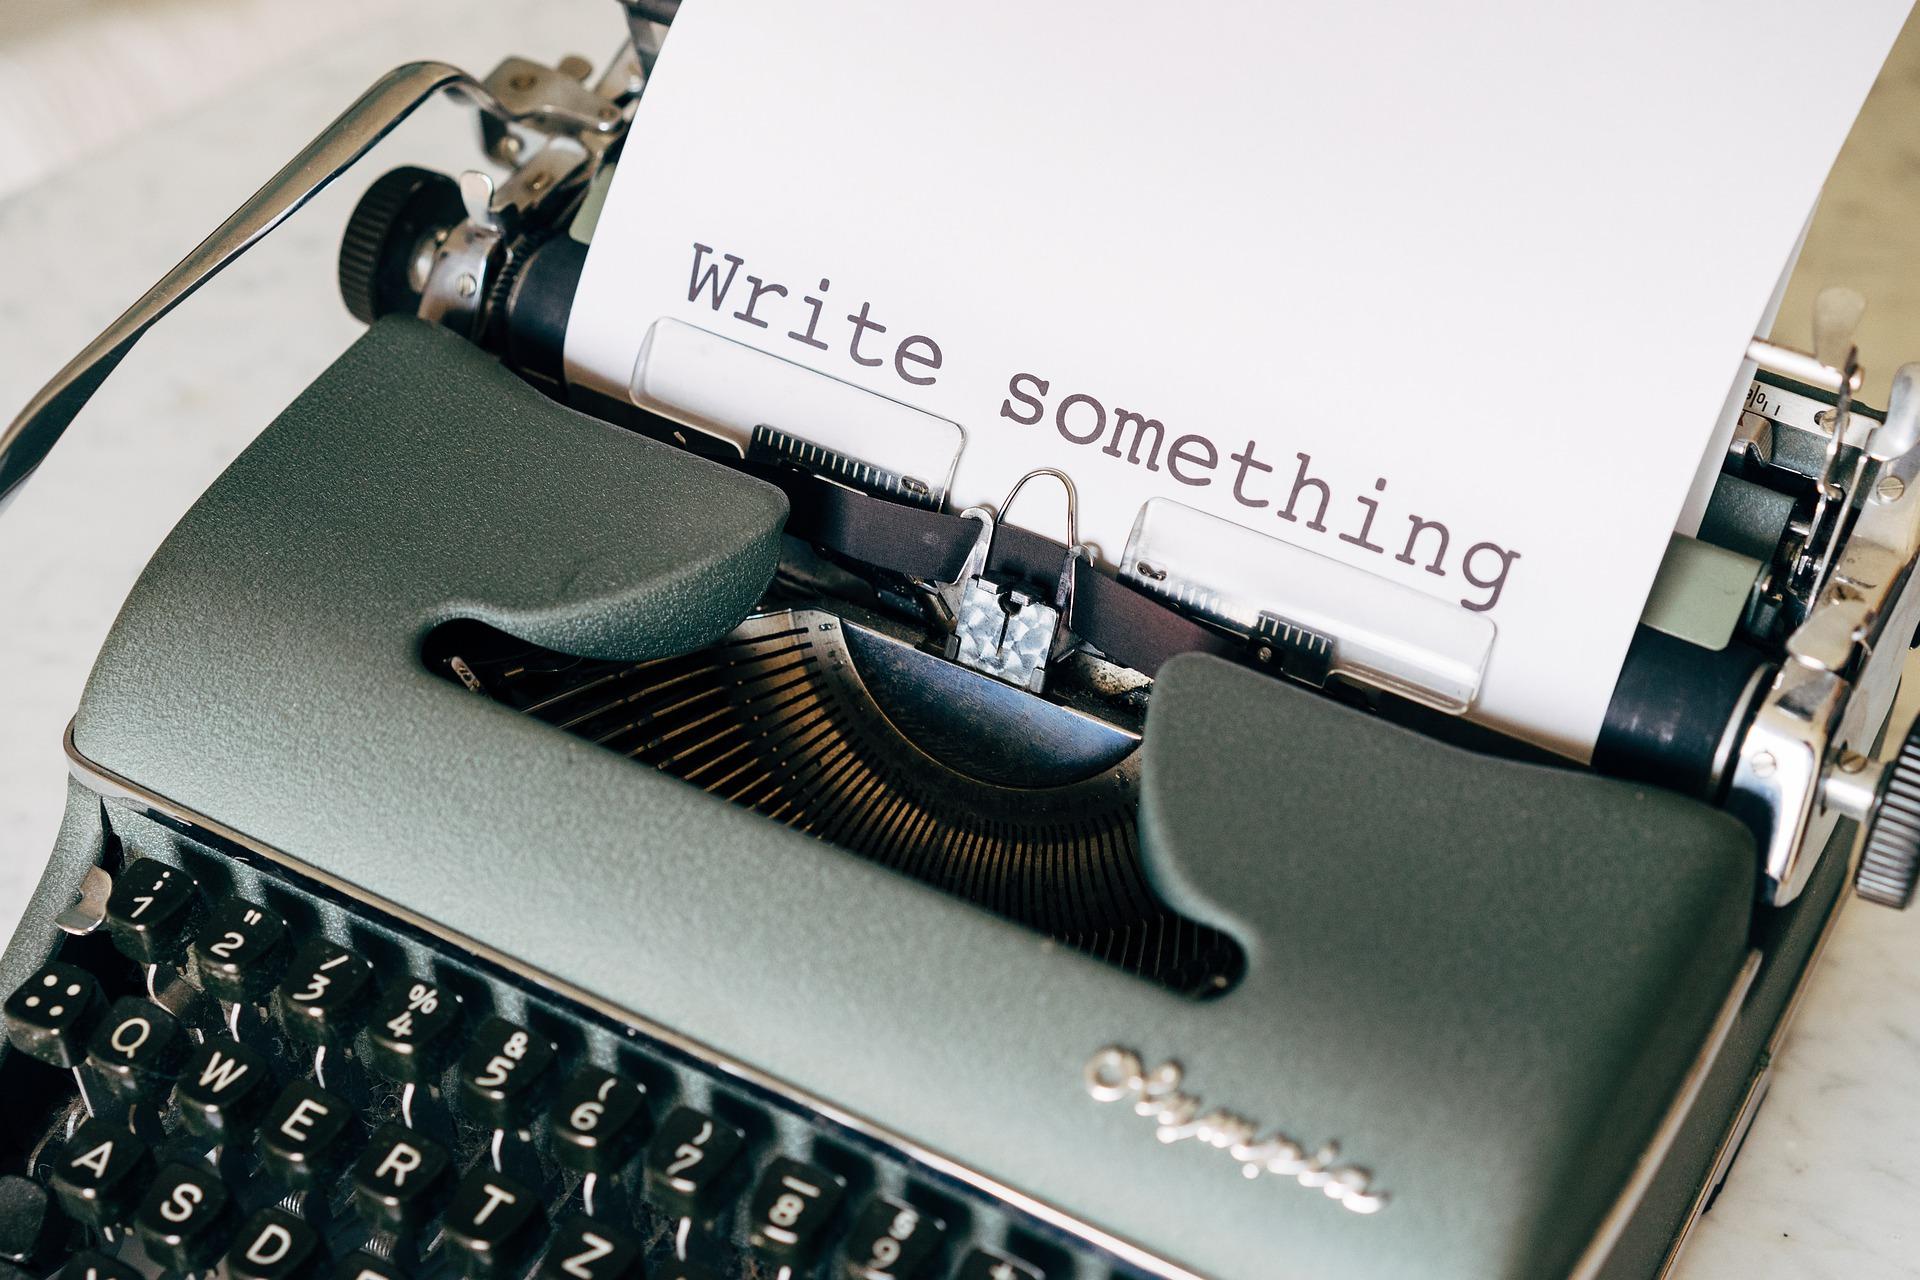 Napiš něco obsah